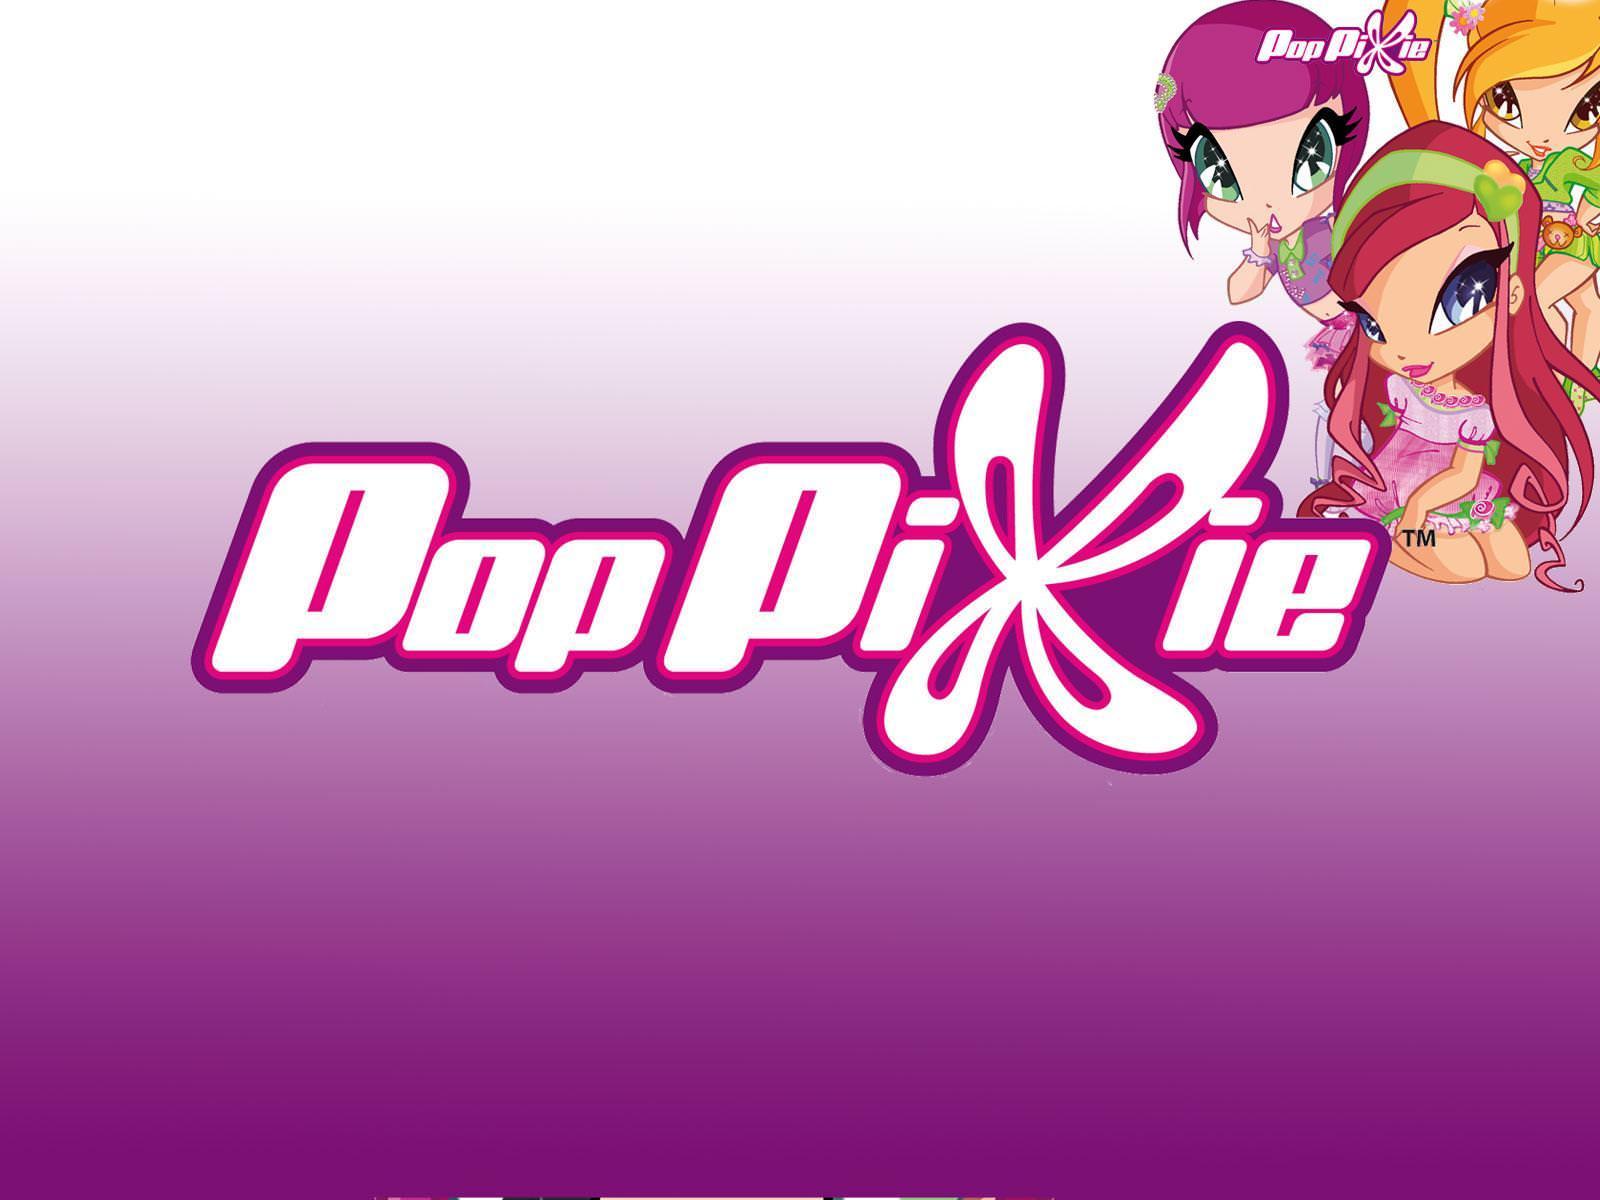 poppixie_-_pop_pixie_vile_05